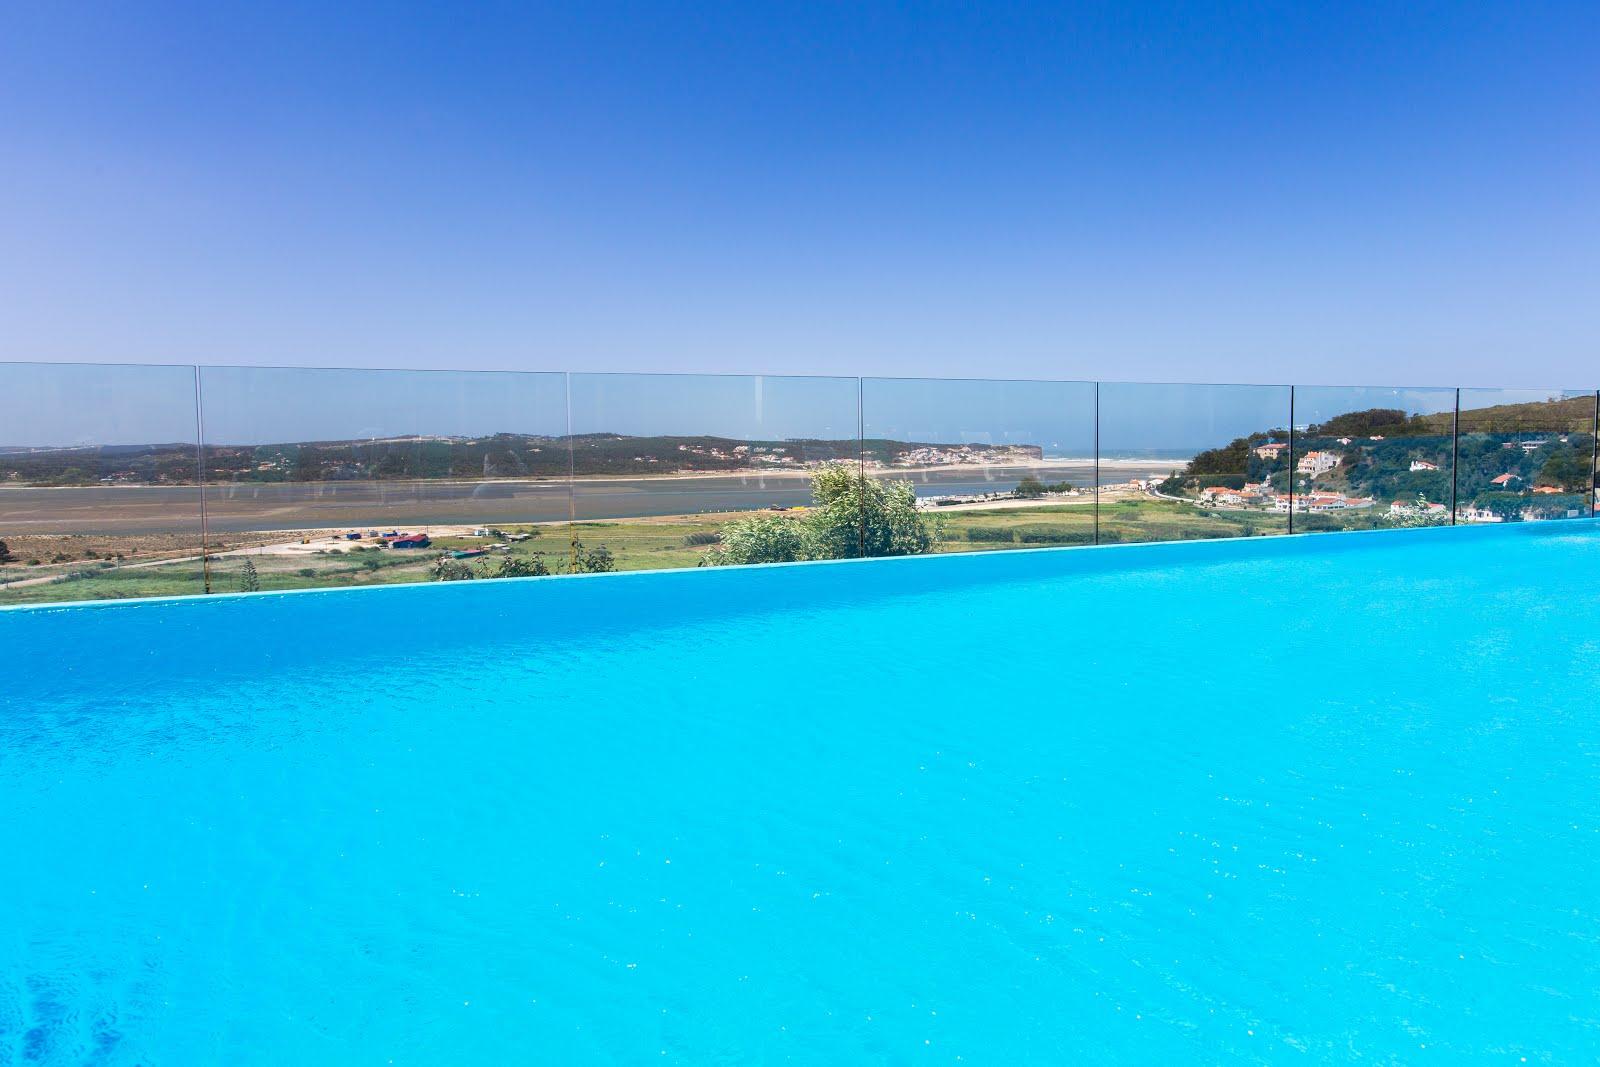 Heated pool overlooking Obidos lagoon and the sea behind